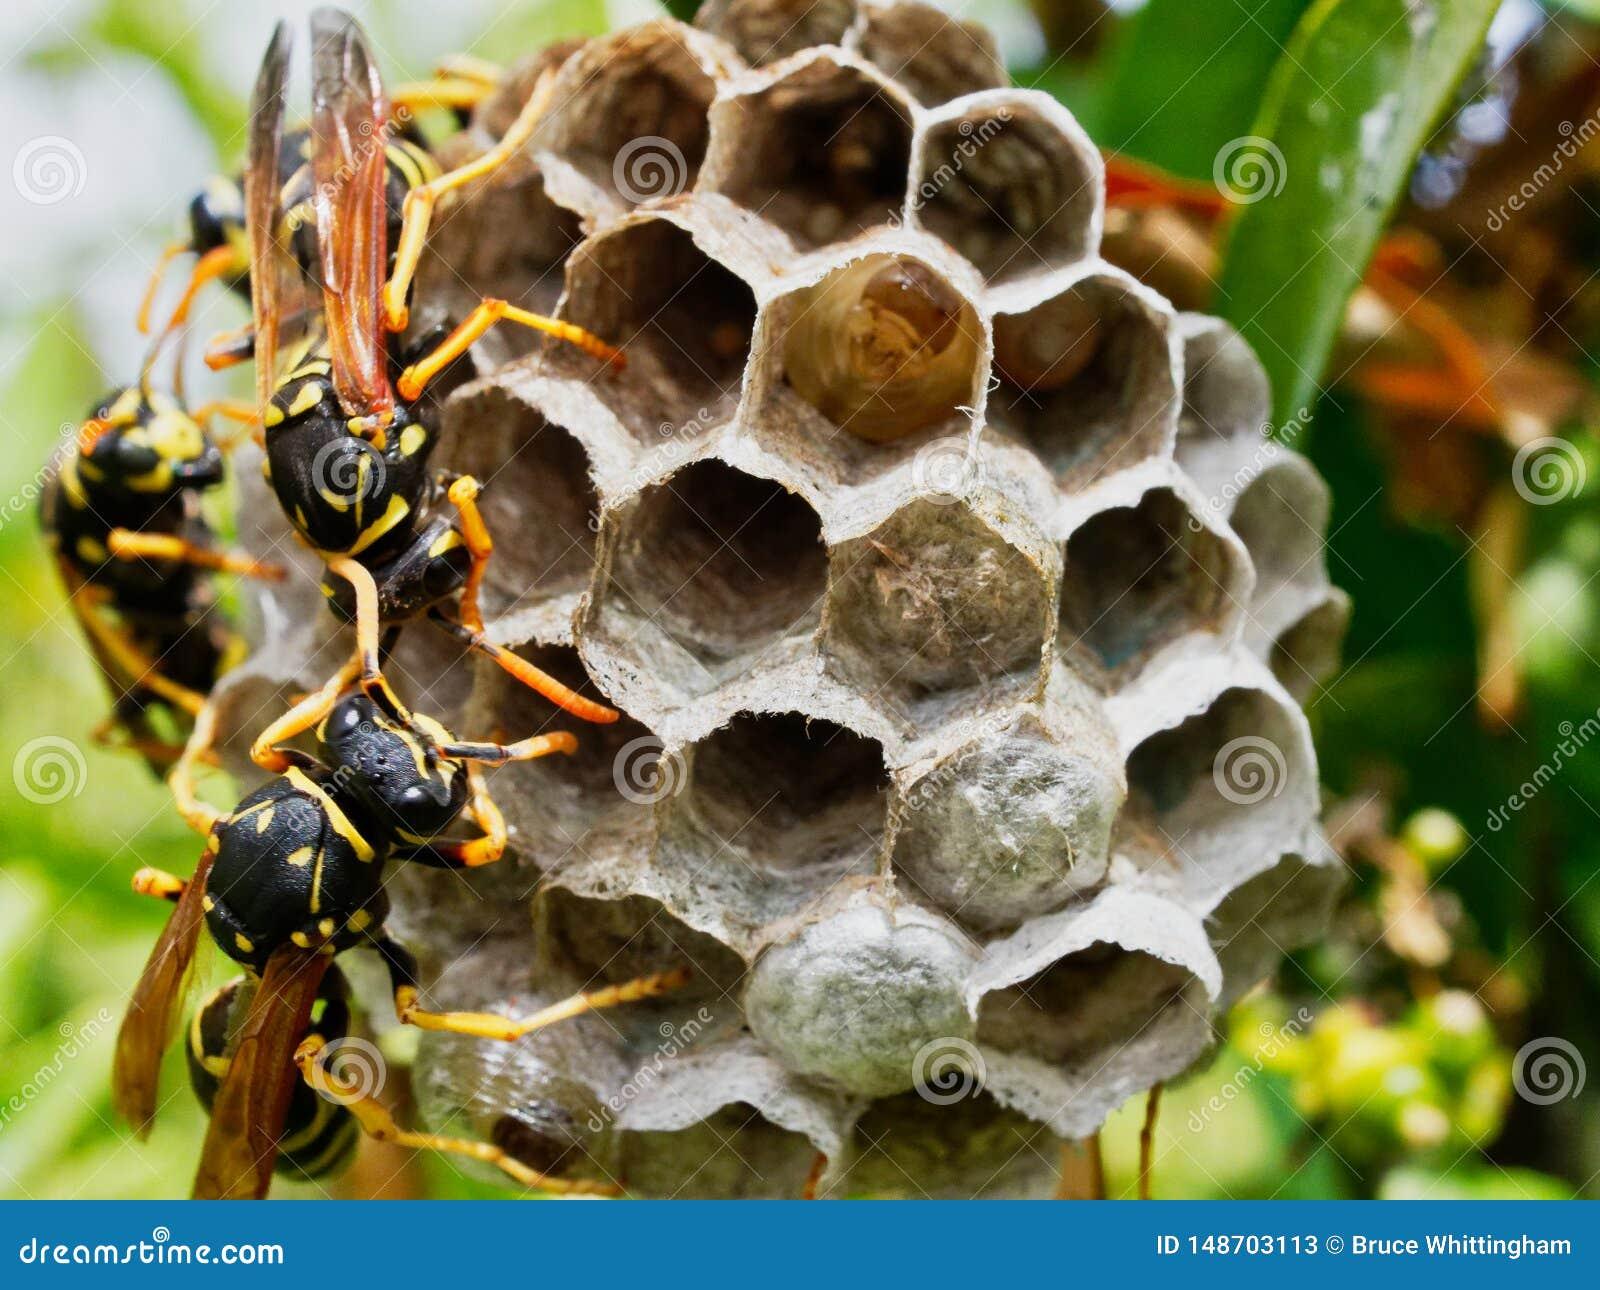 Wespen, die Nest mit dem Reifen von den Larven sichtbar in einer offenen Zelle neigen